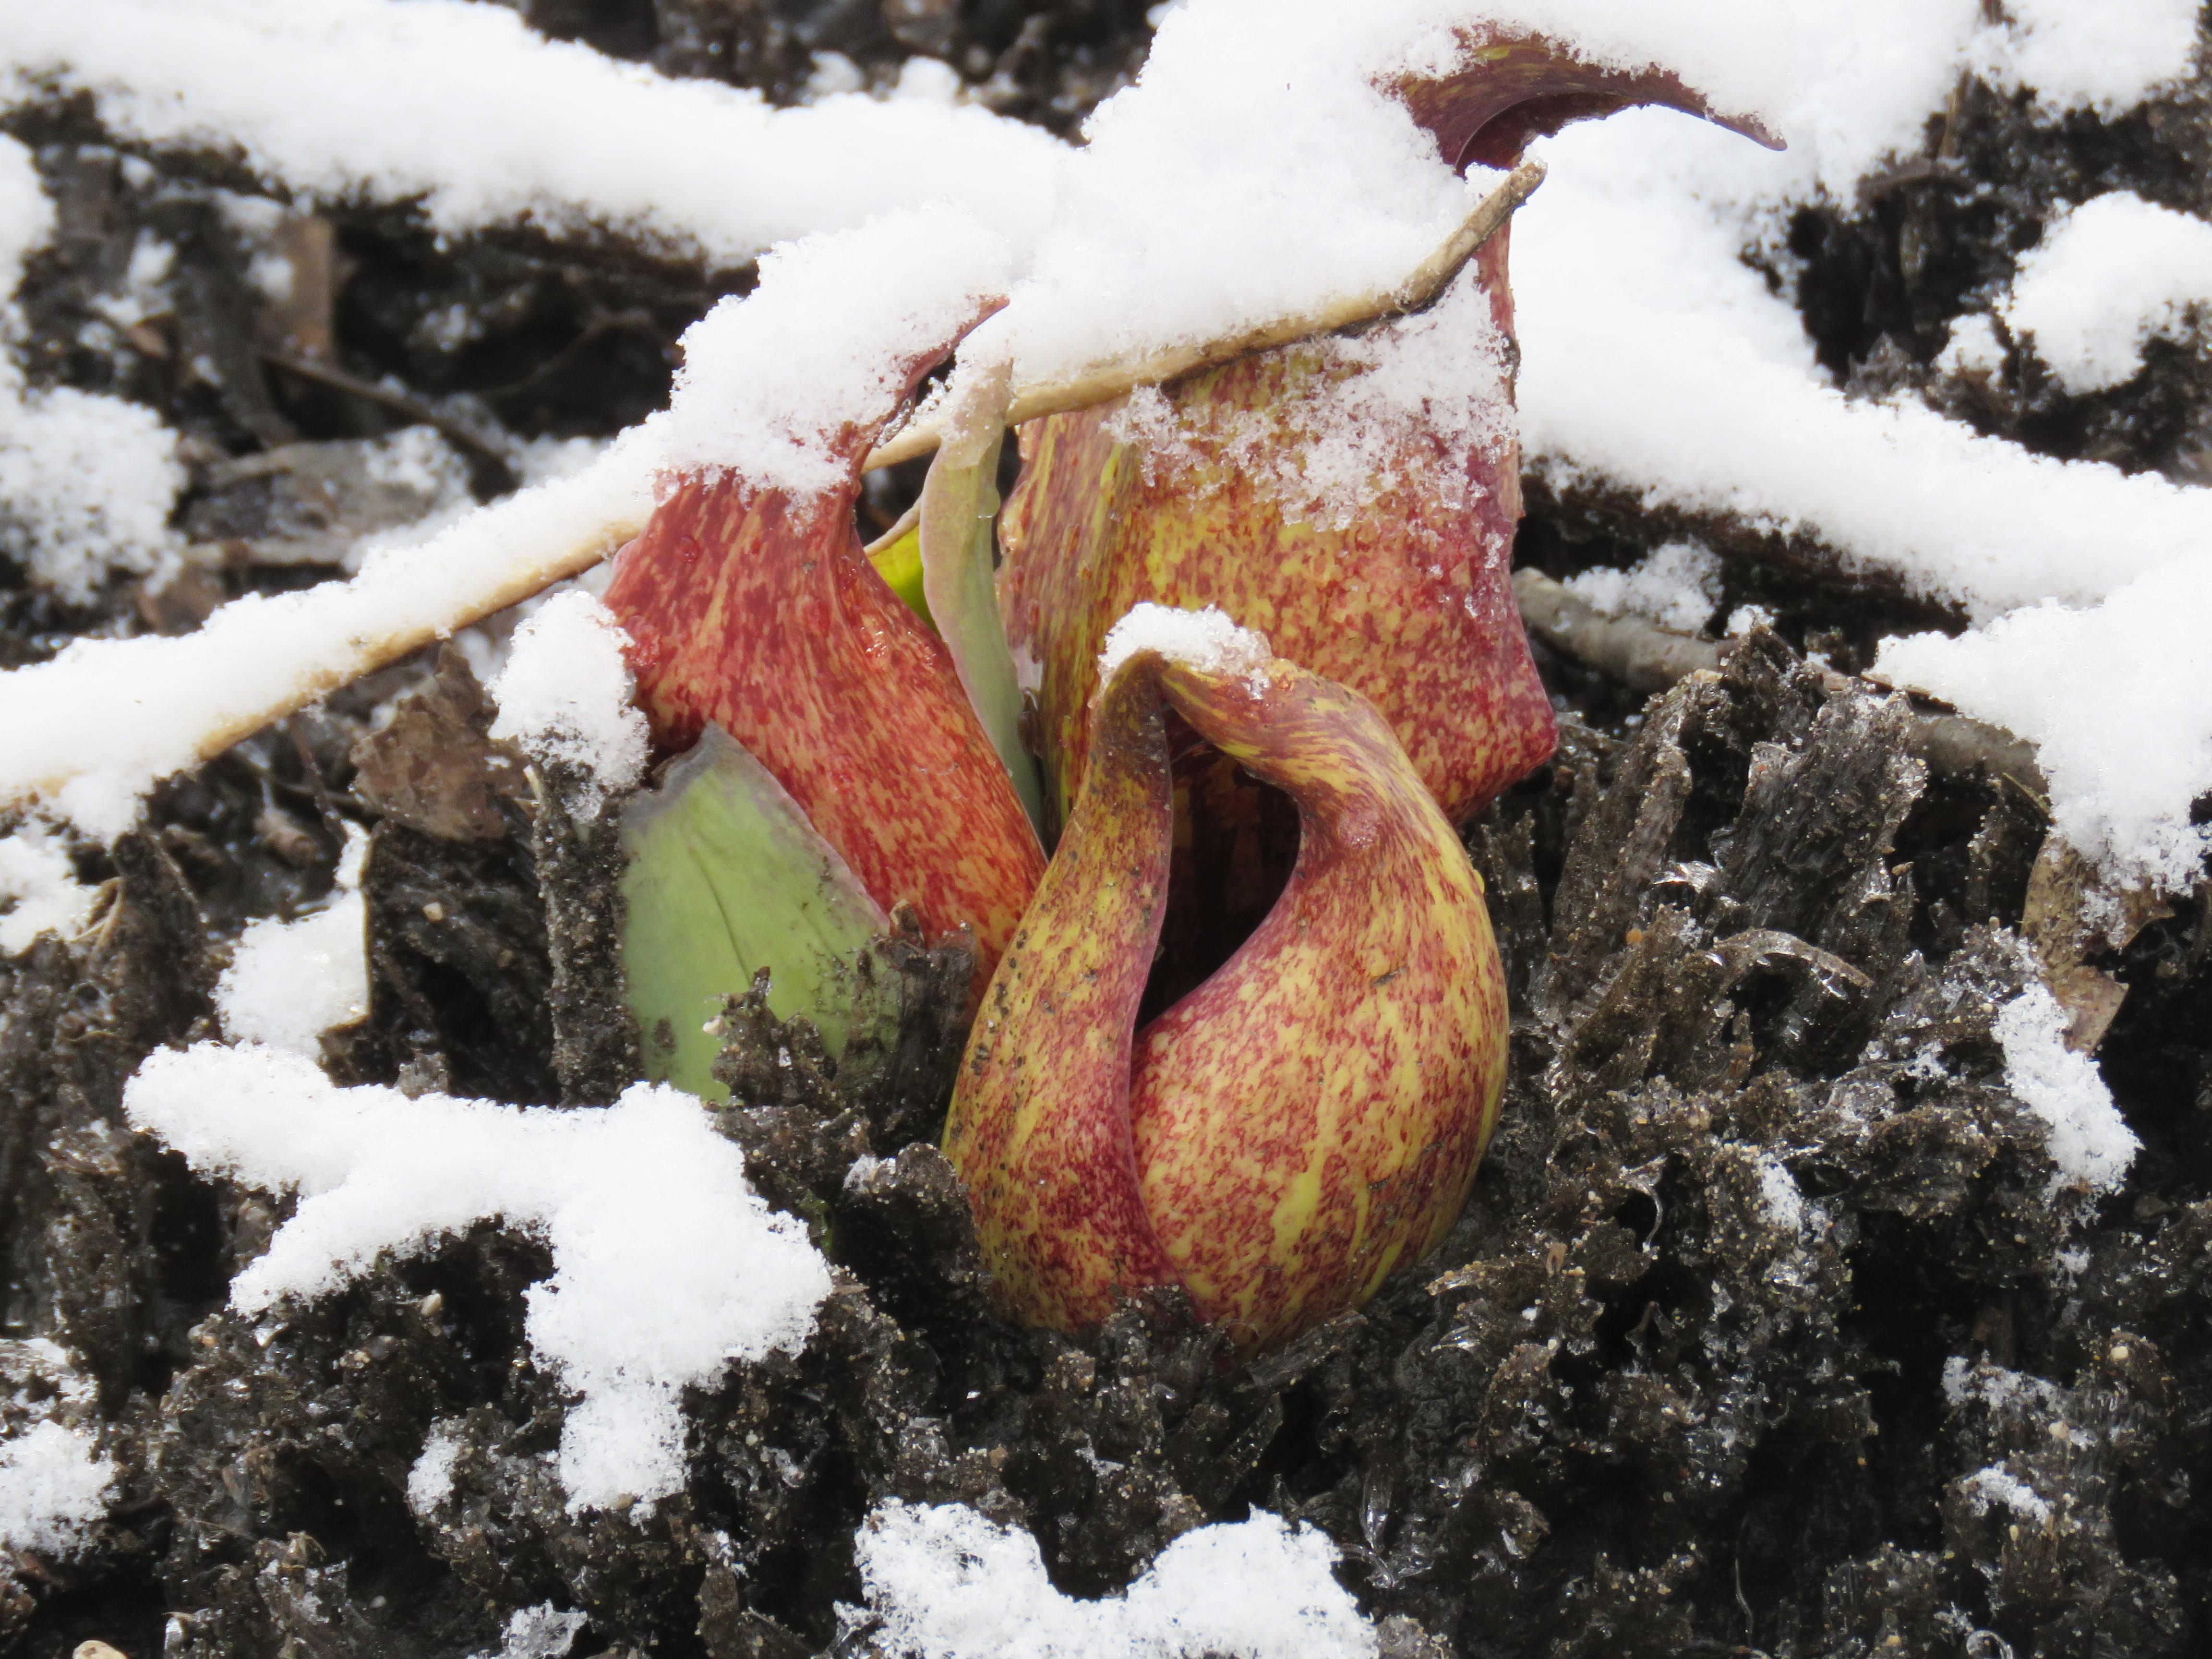 Skunk cabbage emerges through snow